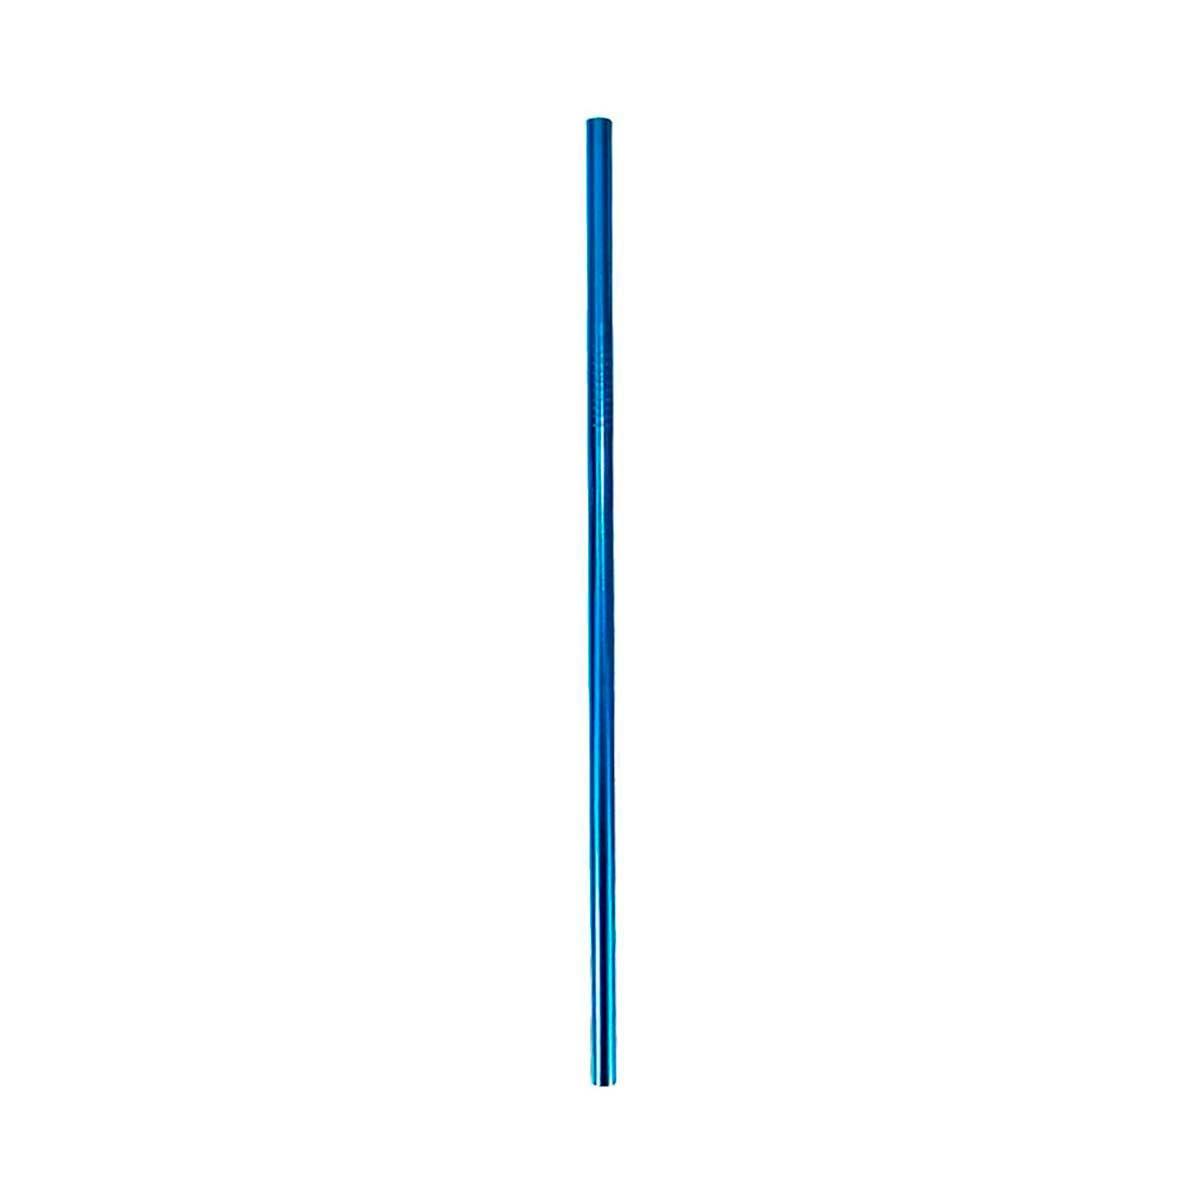 Canudo de Inox Reto Azul - OUTLET